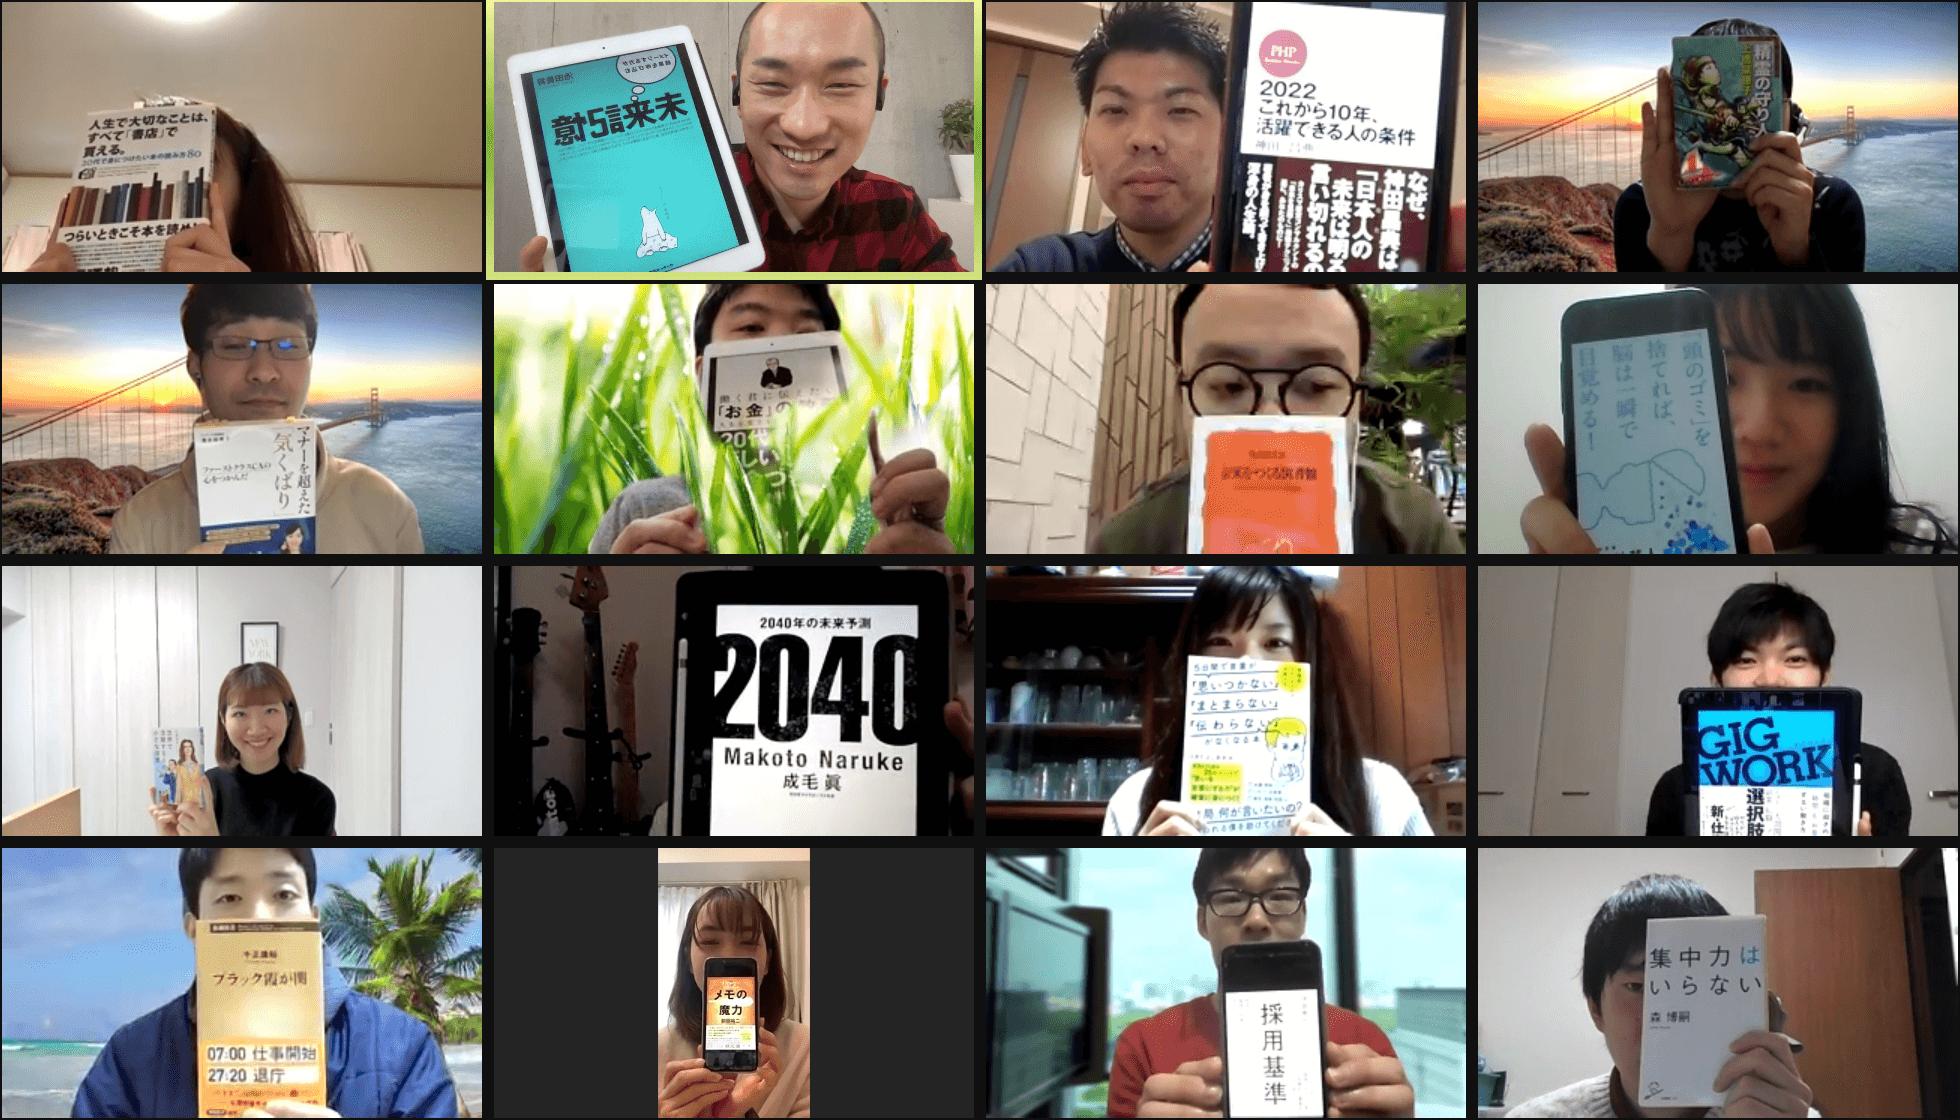 2021年01月23日 Zoomオンライン読書会の開催報告